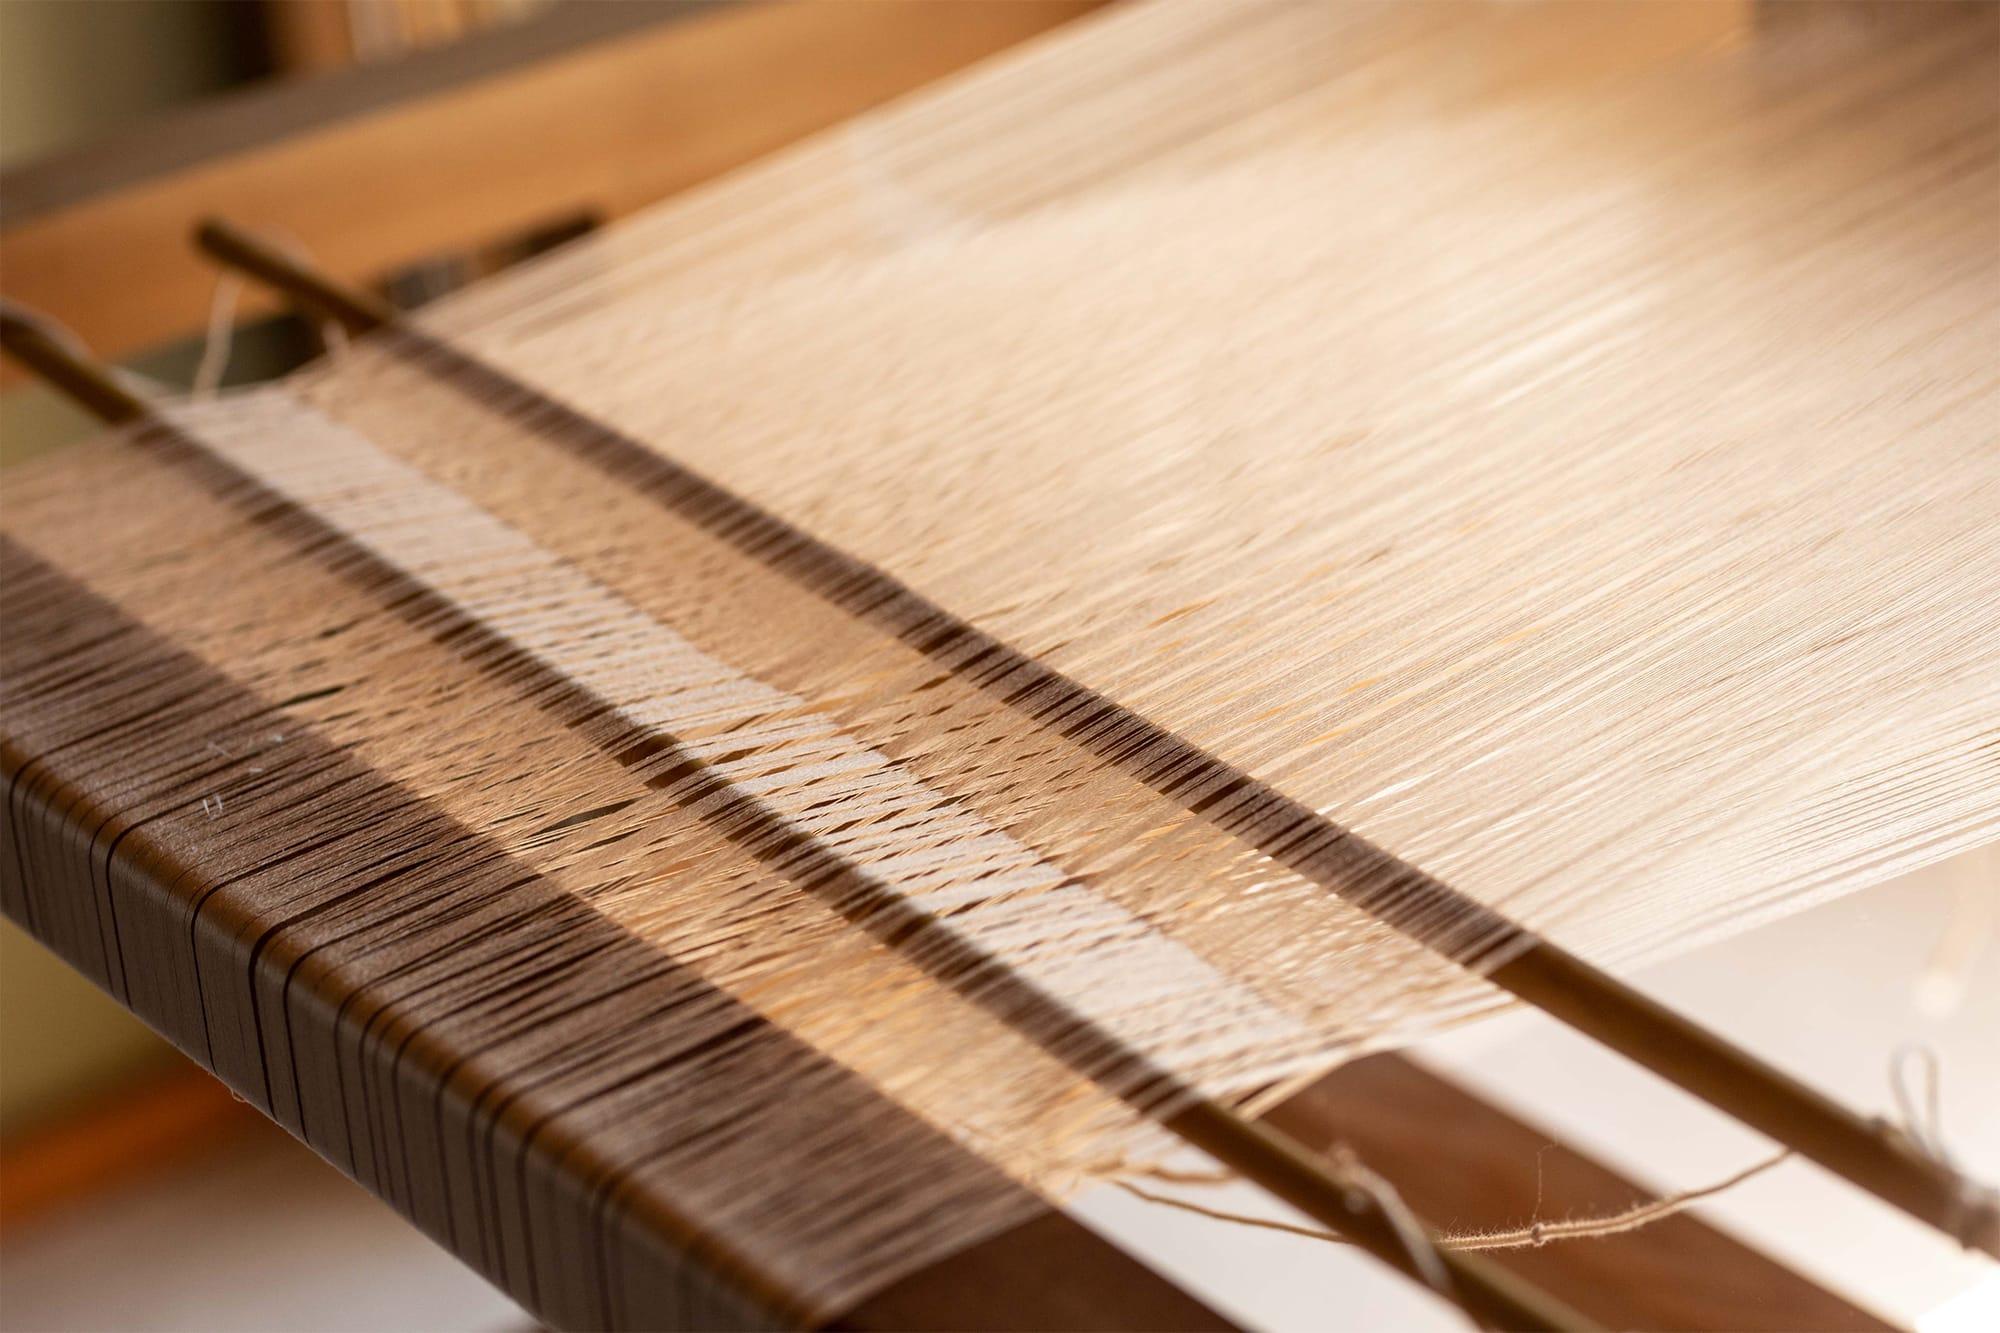 美しく染められた生糸は丁寧に手織りをしていく。